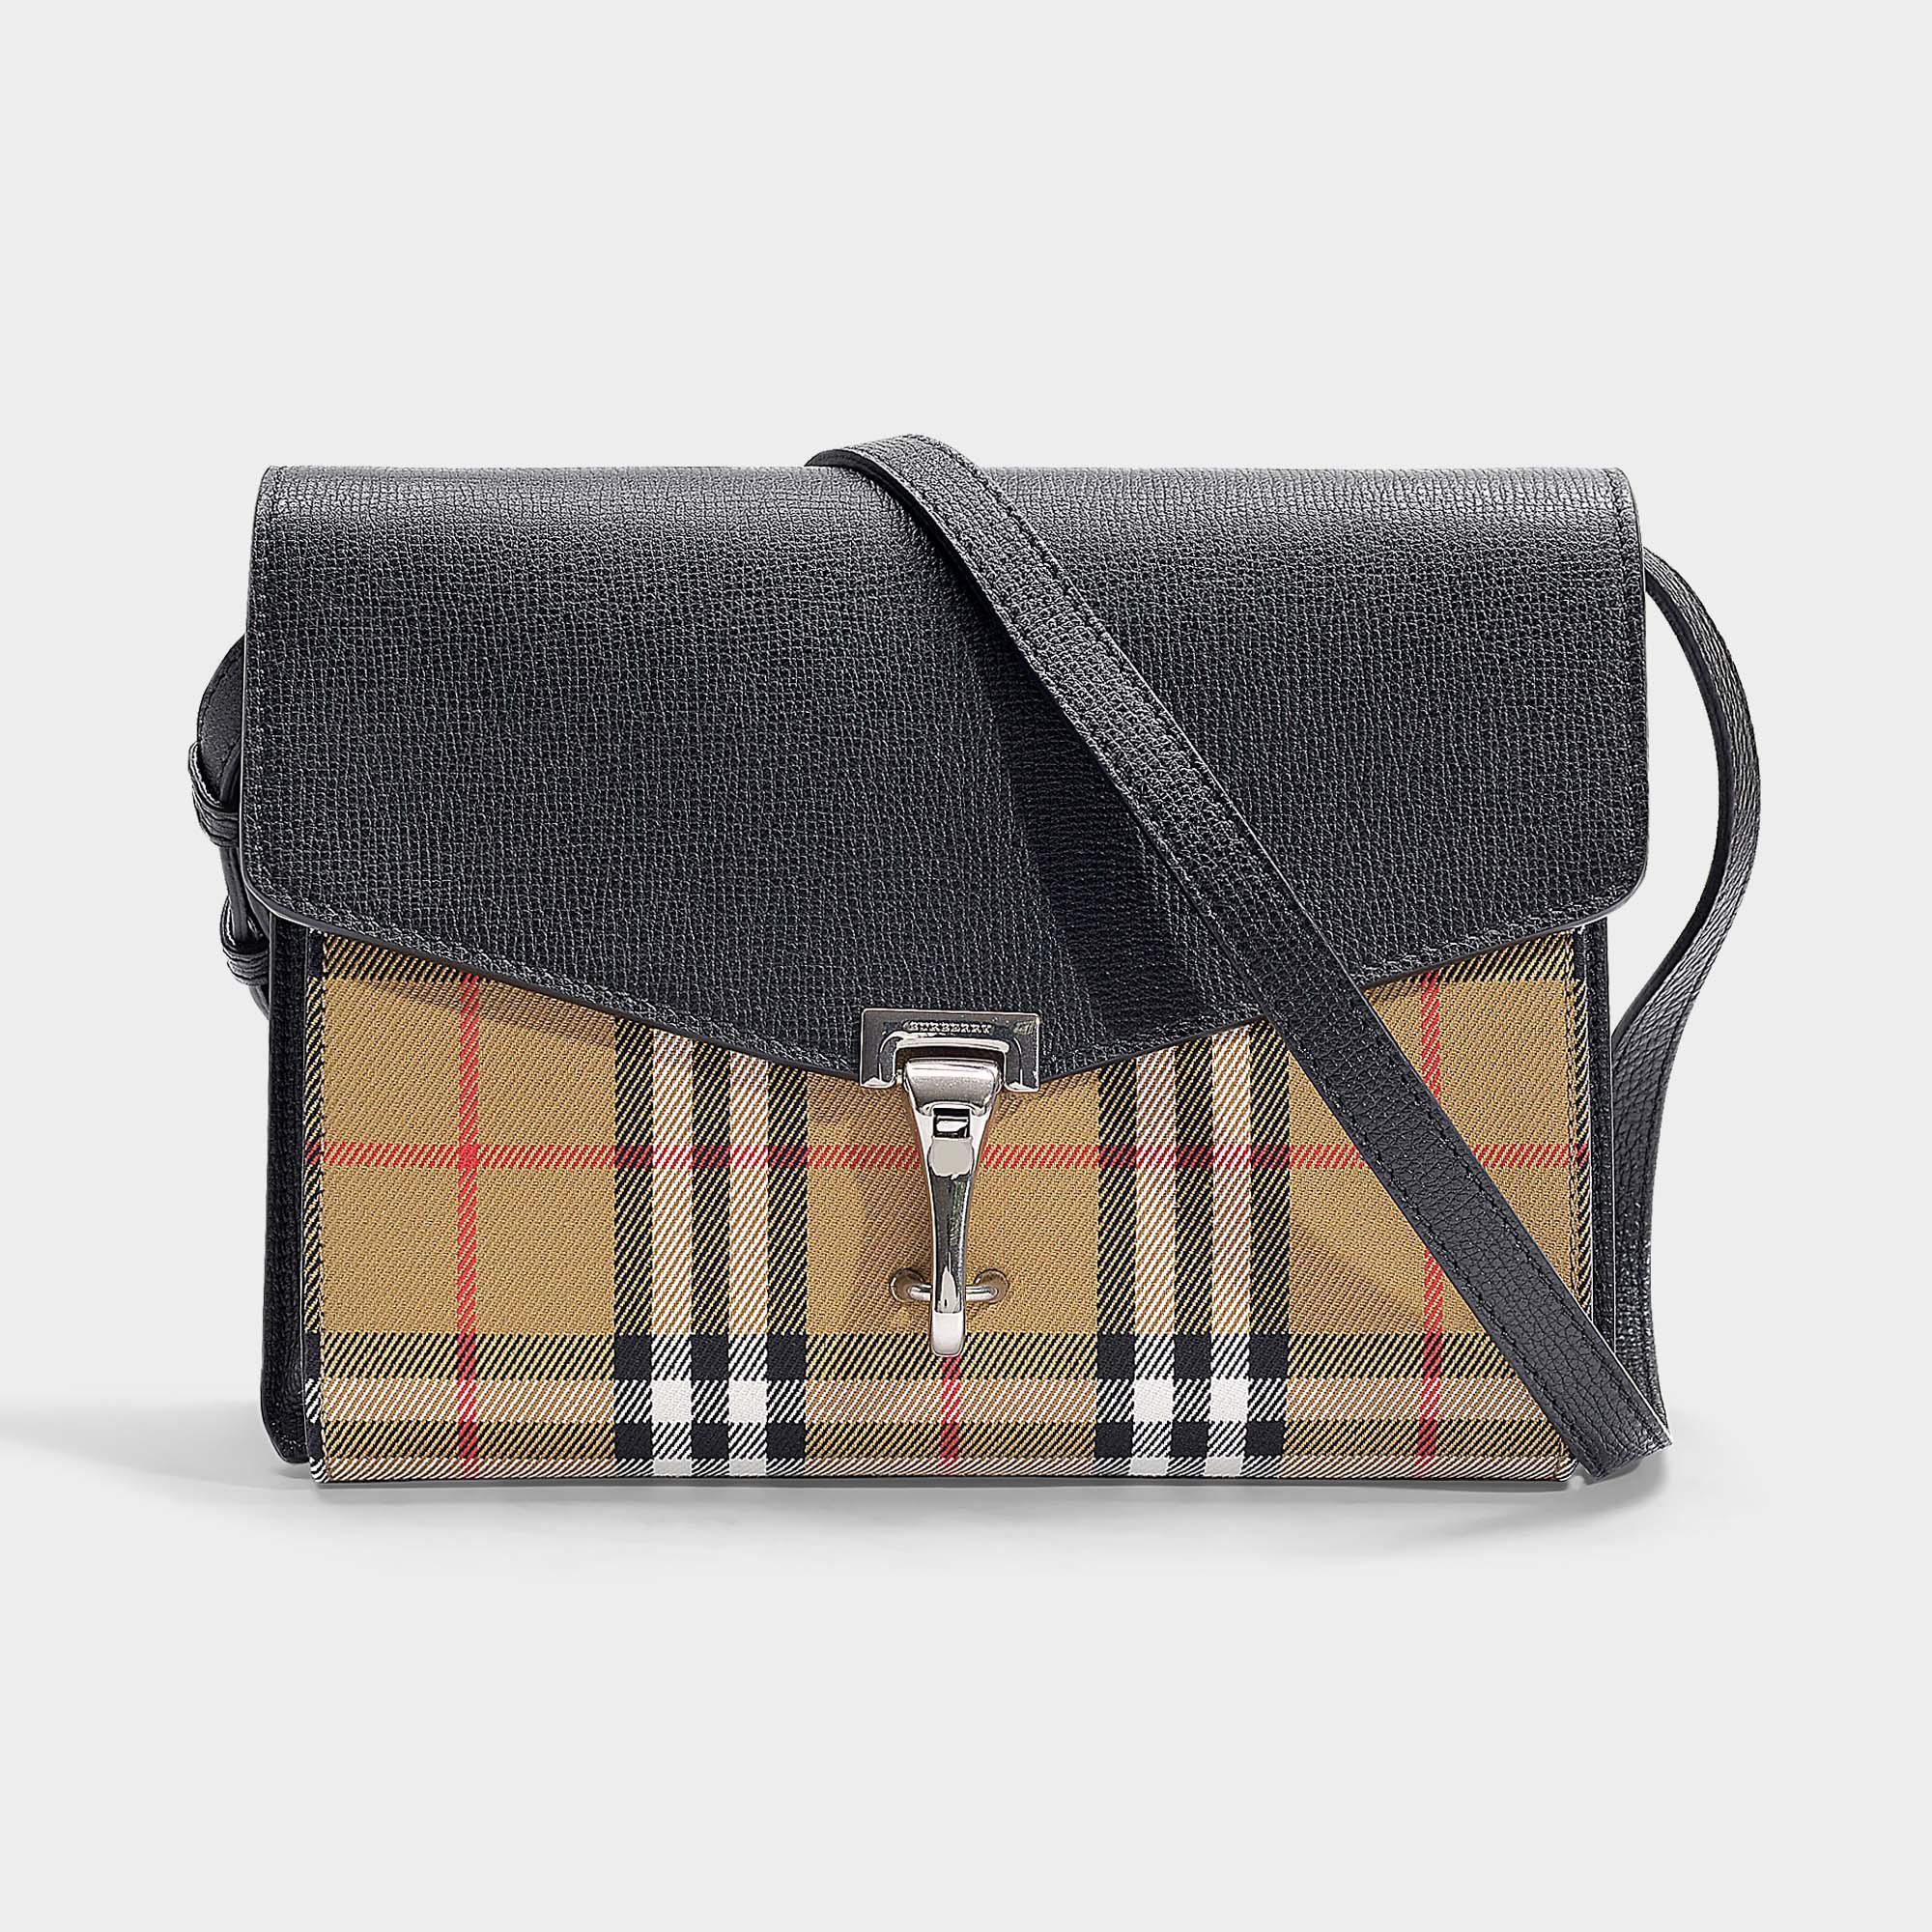 32e780b1bf00f Kleine Check Leder Burberry Aus Gewebe Crossbody Vintage Und Tasche 35RLAqj4